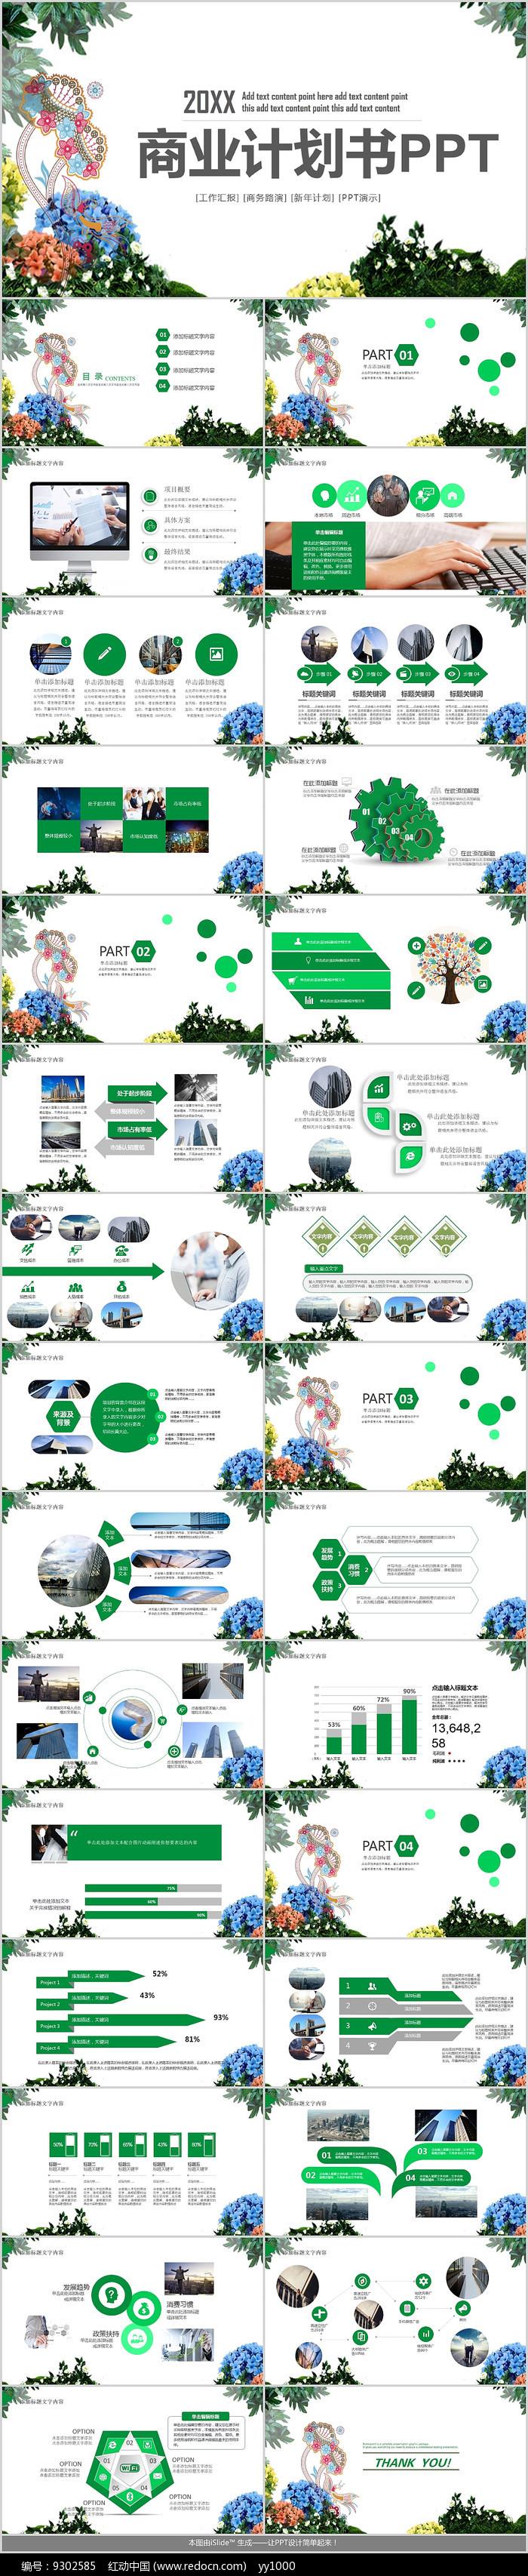 绿色商业计划书PPT模板图片